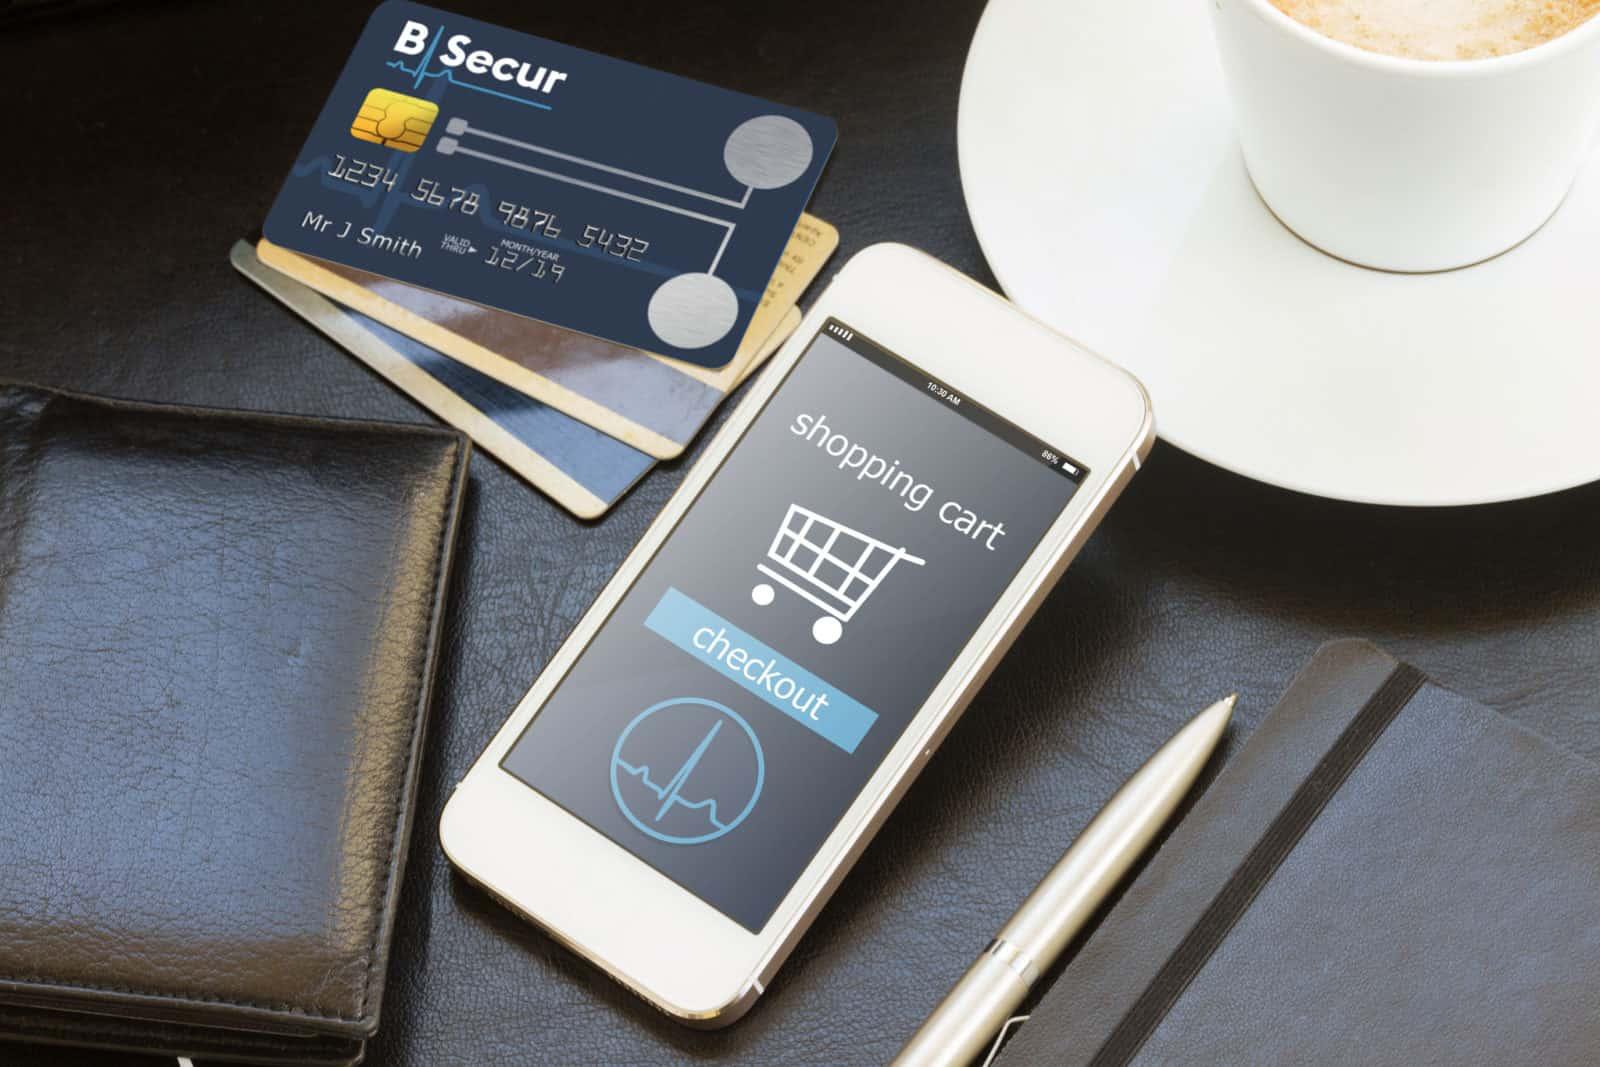 Mobile phone and B-Secur biometric card